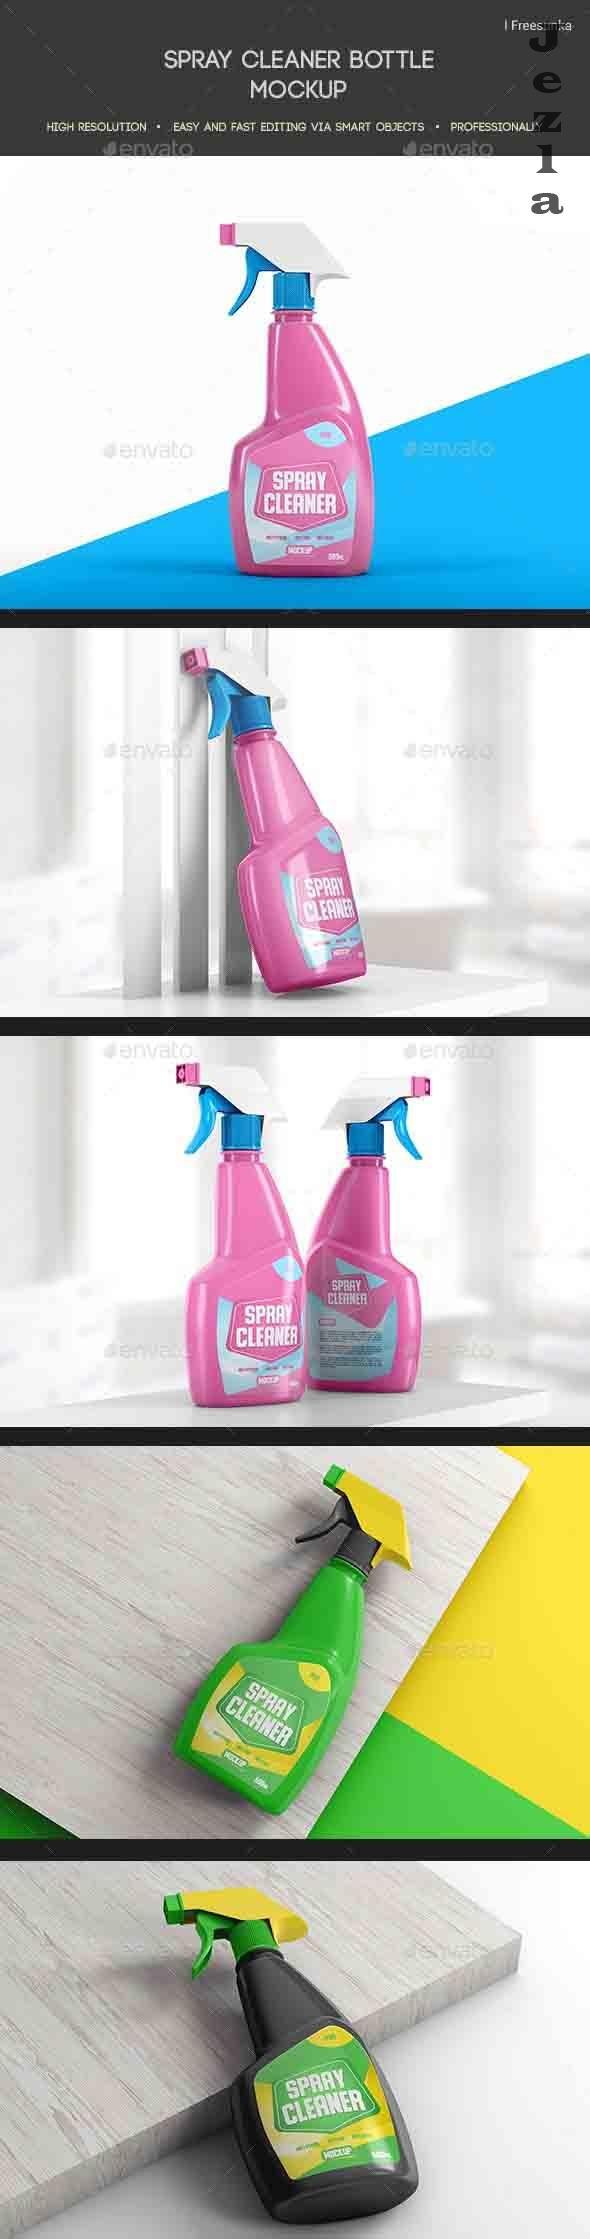 Spray Cleaner Bottle Mockup - 27136310